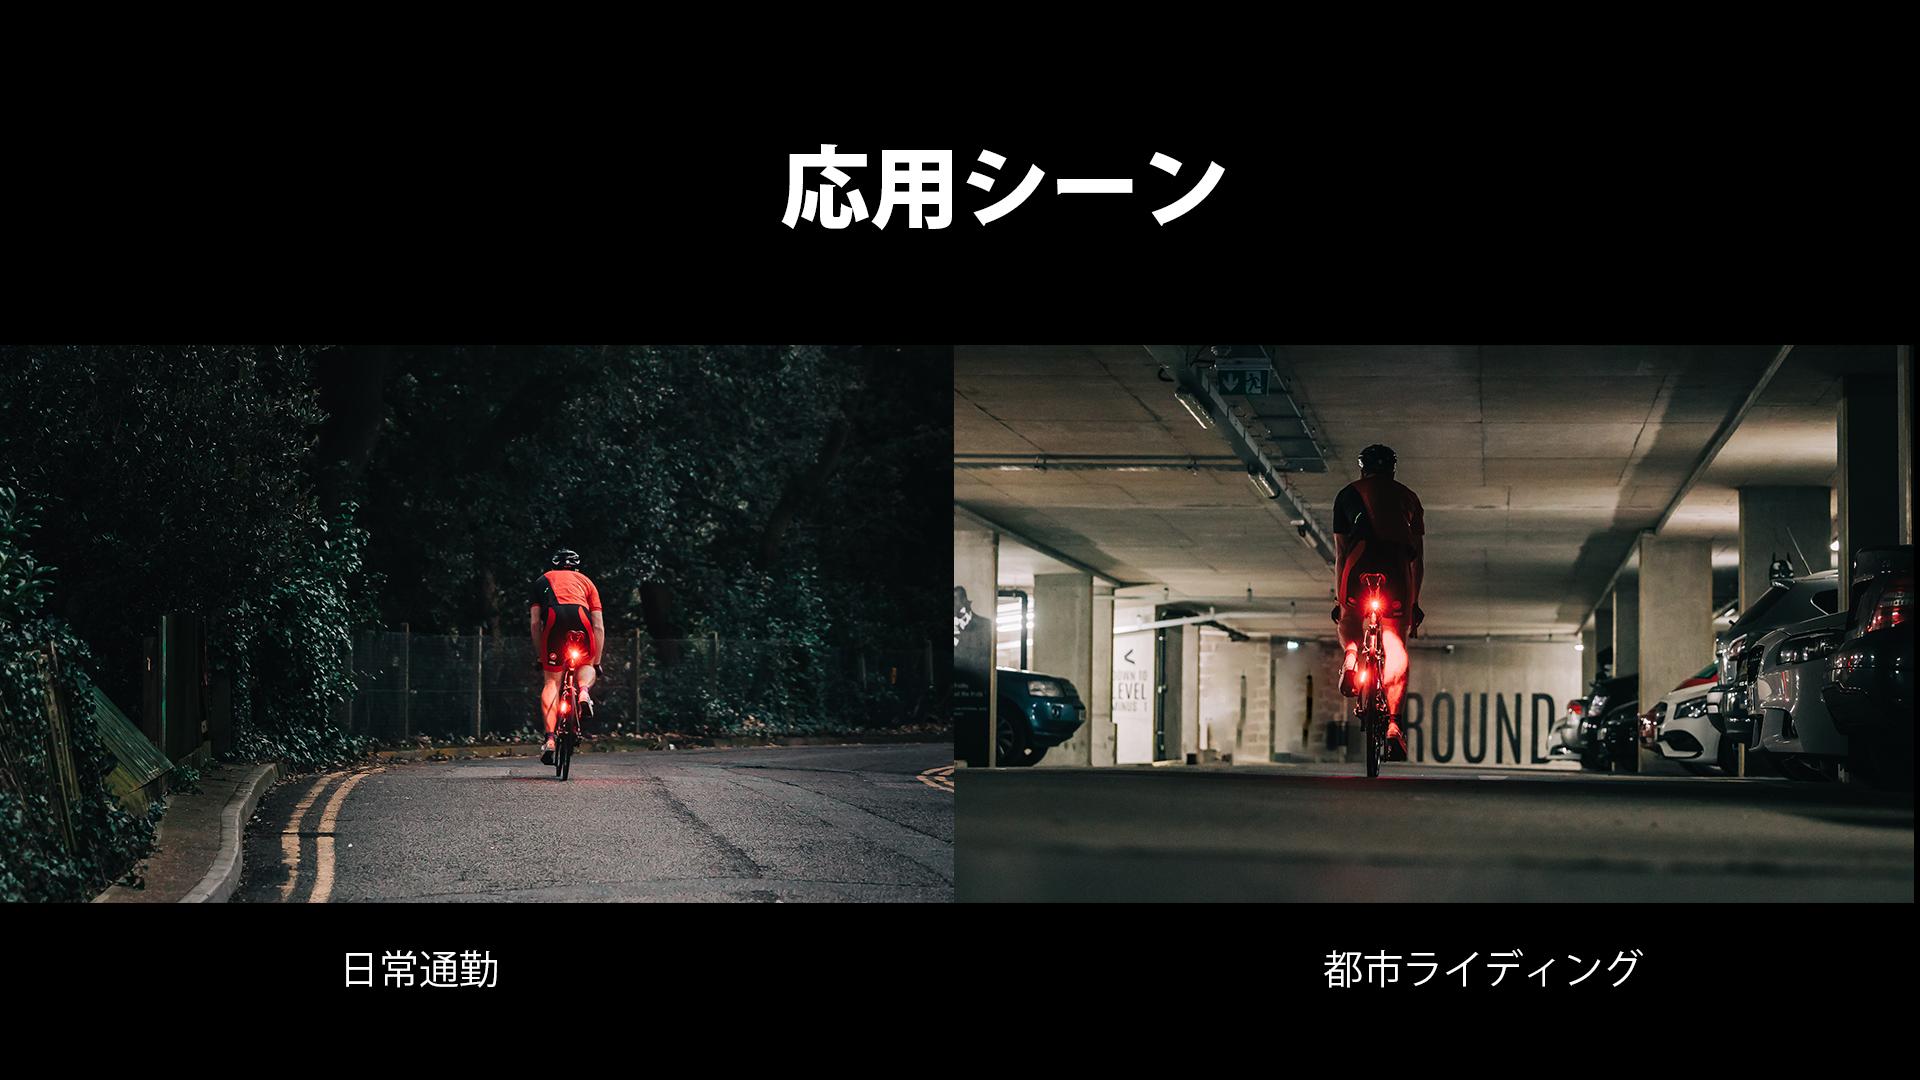 短押しで明るさを切り替え、夜間のライドや通勤用の自転車のテールライトに適しています。